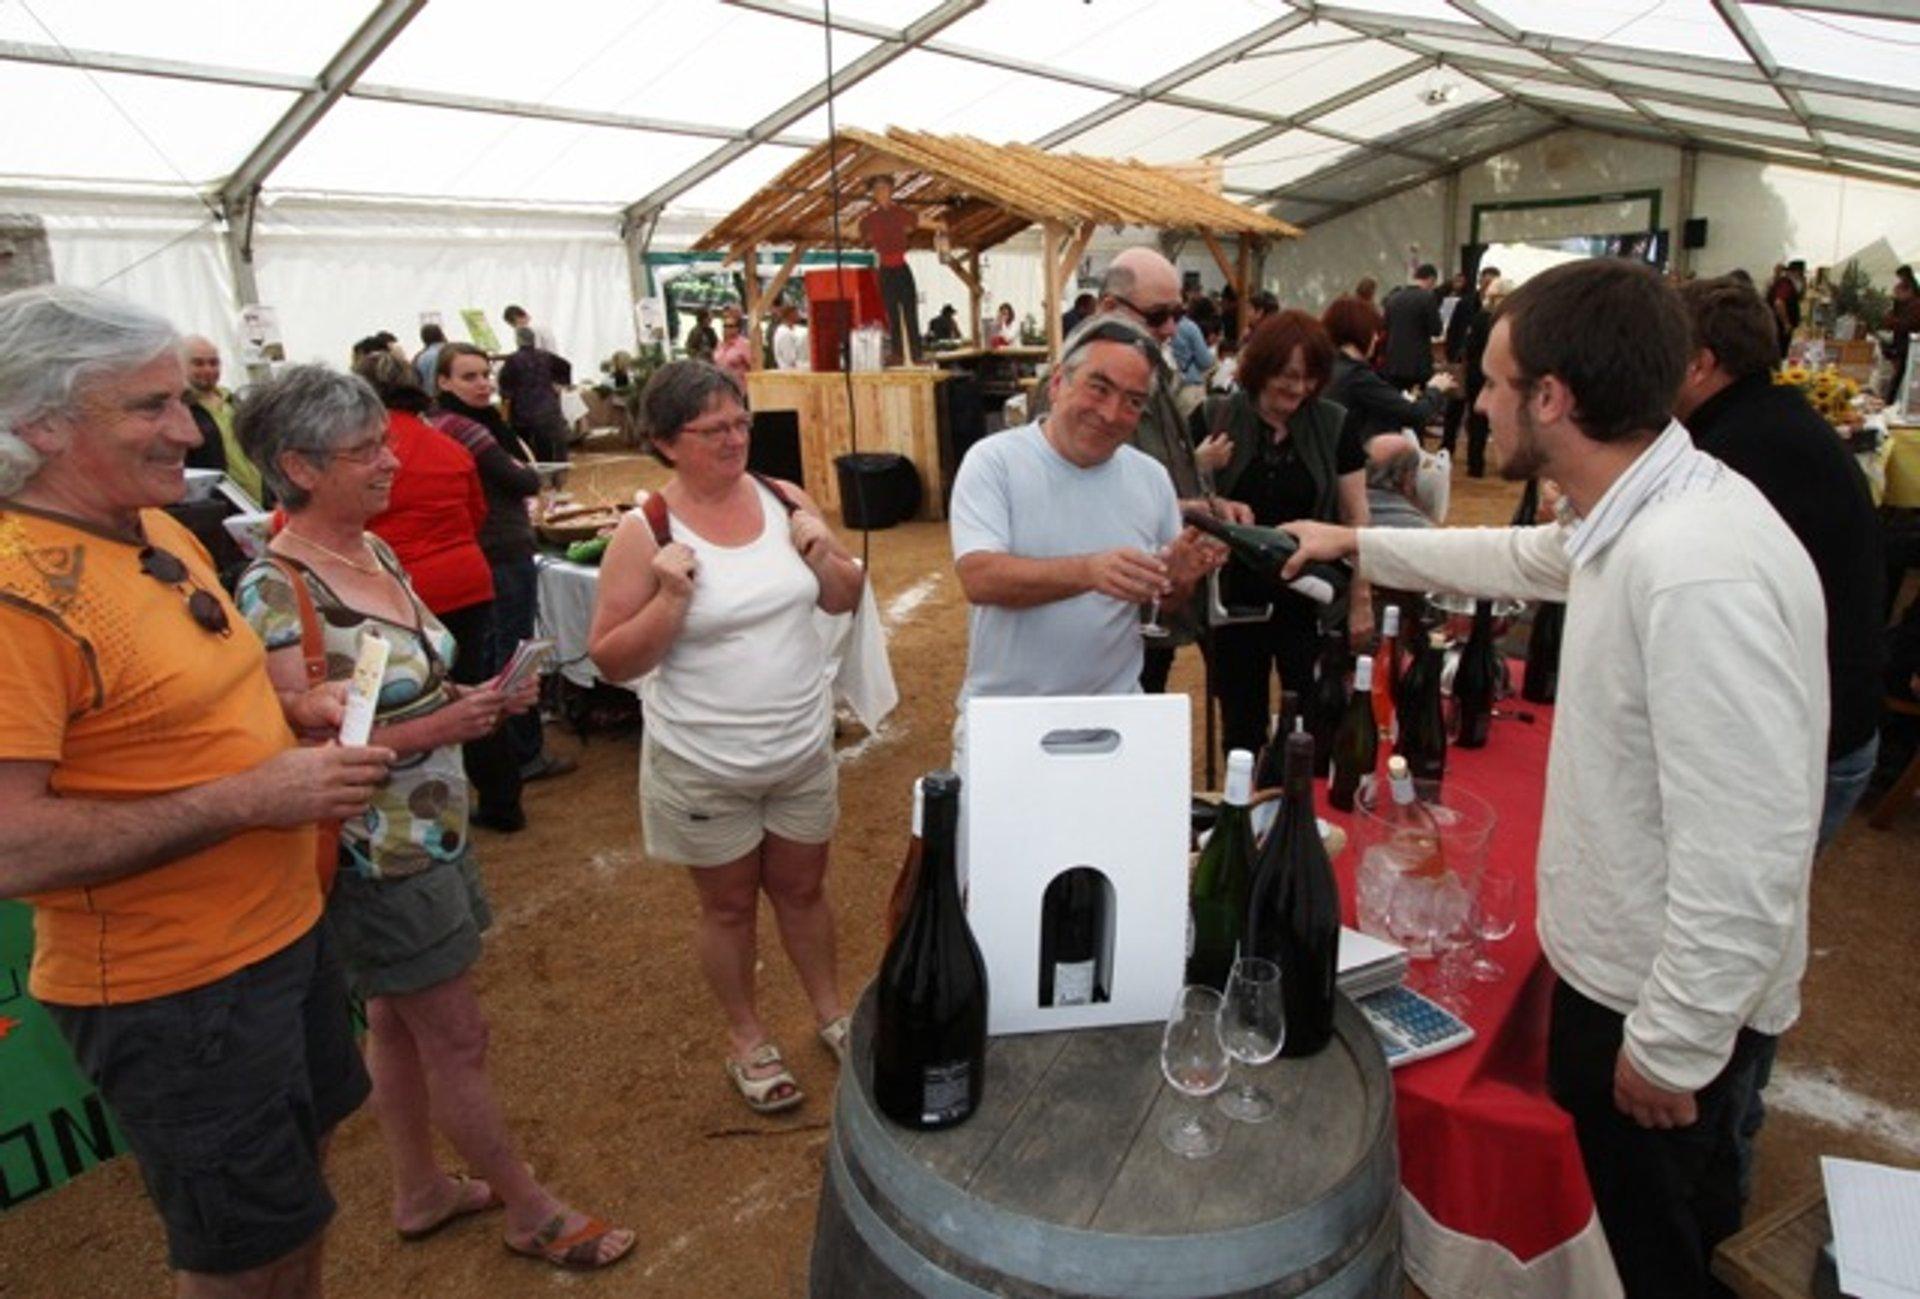 Festival of Corsican Wine or Fiera di u Vinu in Corsica - Best Season 2020